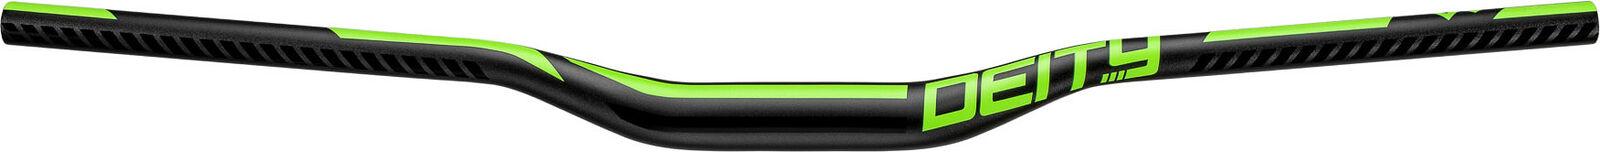 Gottheit Ridgeline 25mm Rise 35x800mm Handlanger Grün